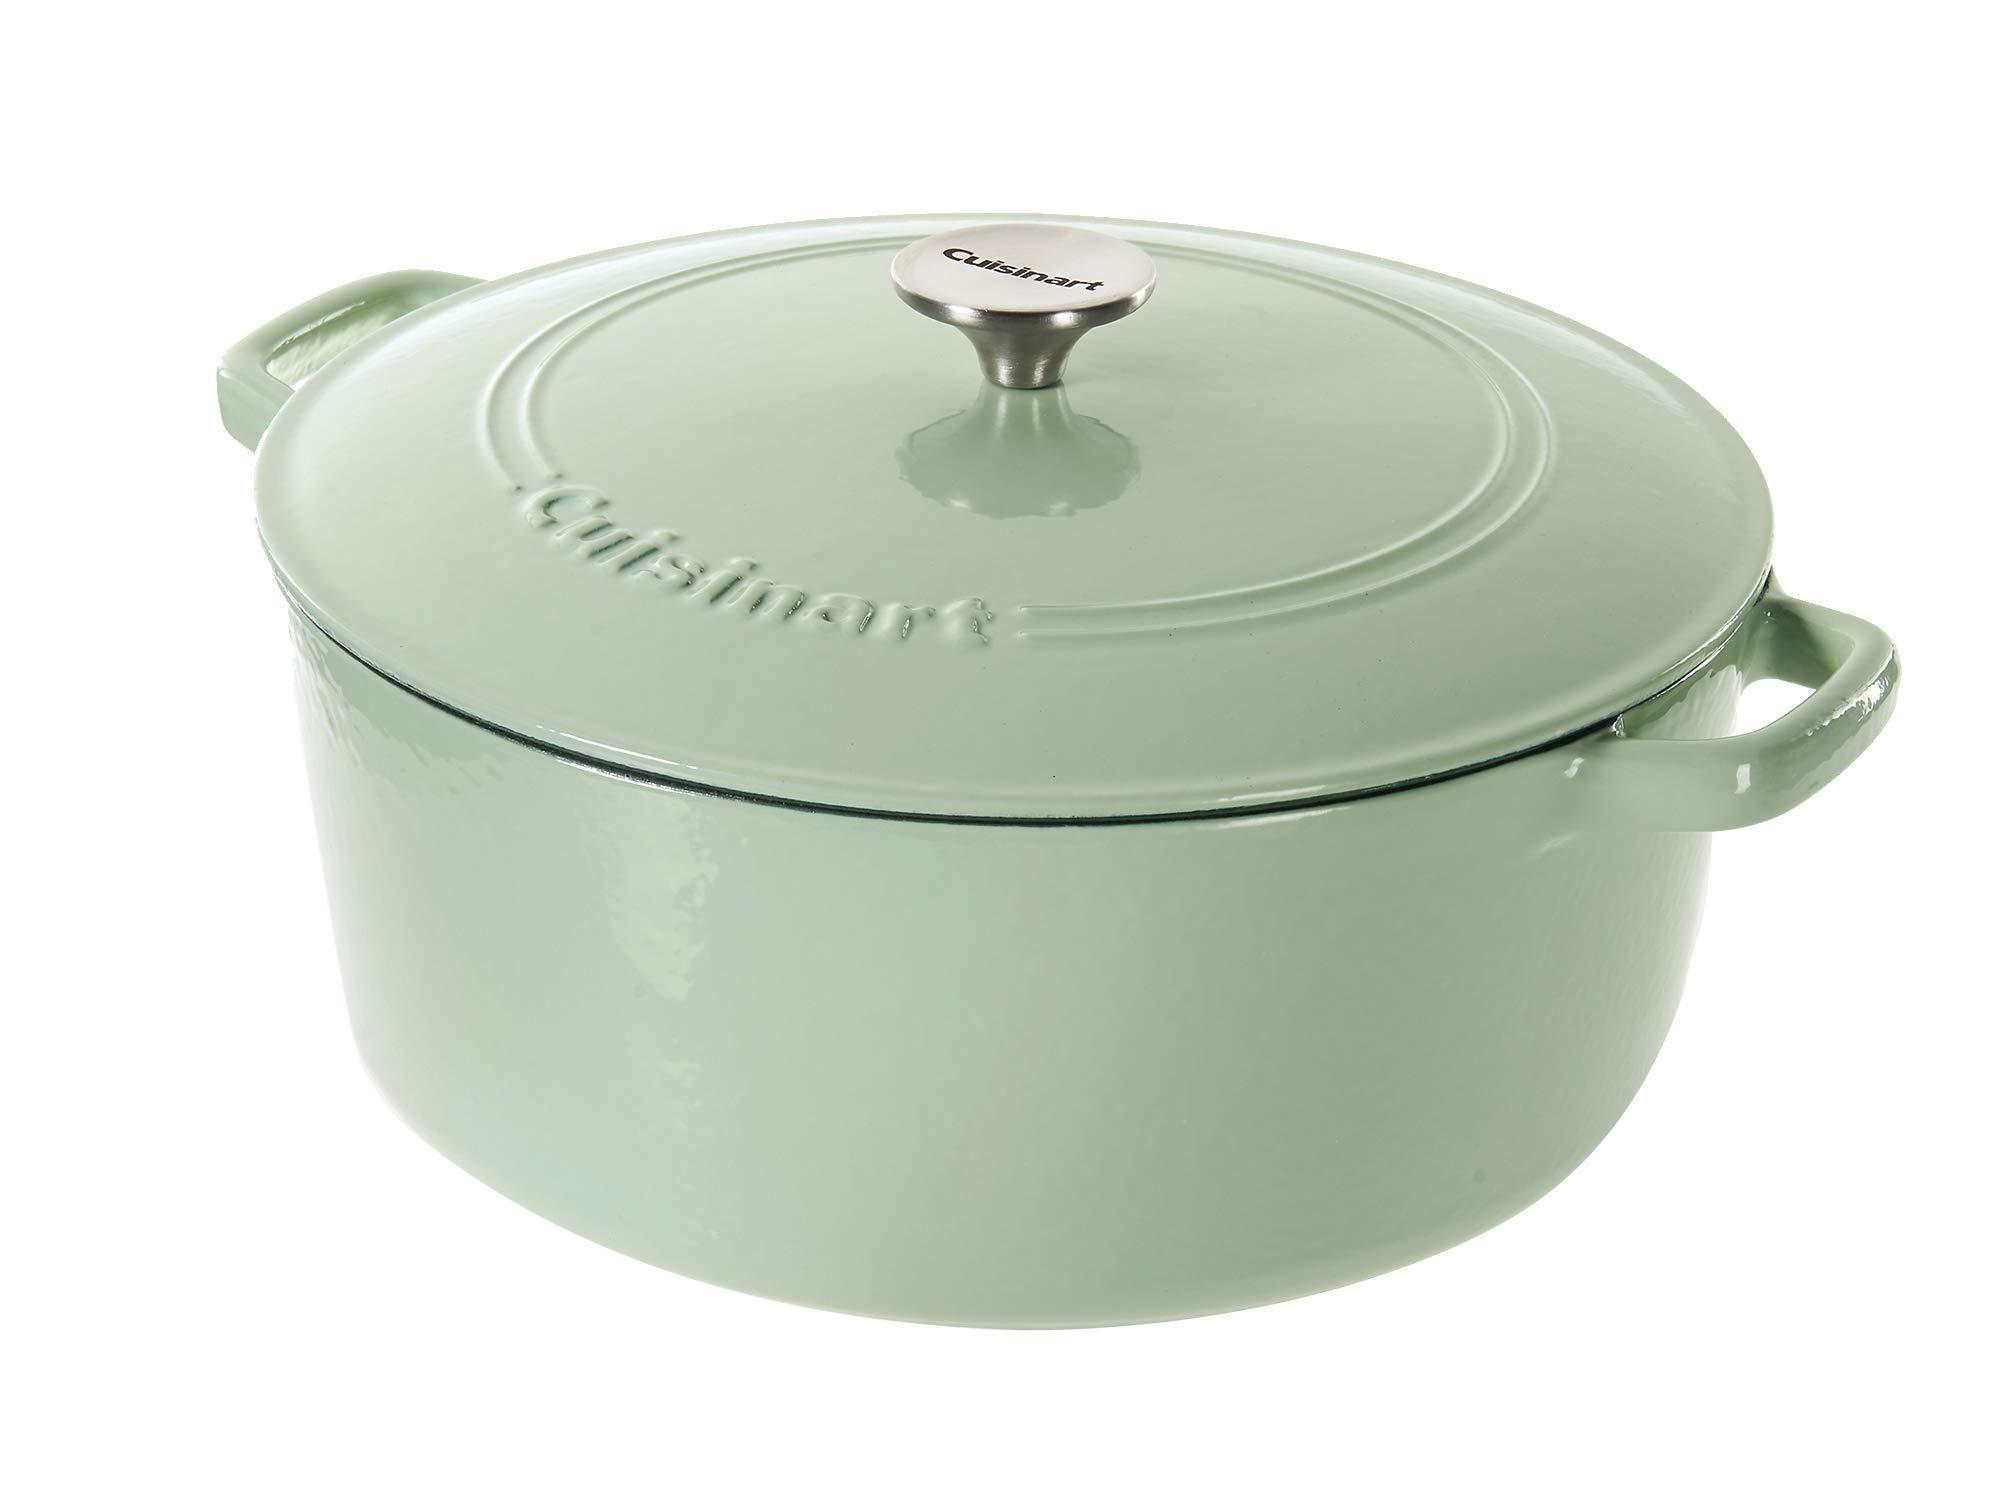 Cuisinart Cast Iron Casserole, Mint Green, 7 Quart